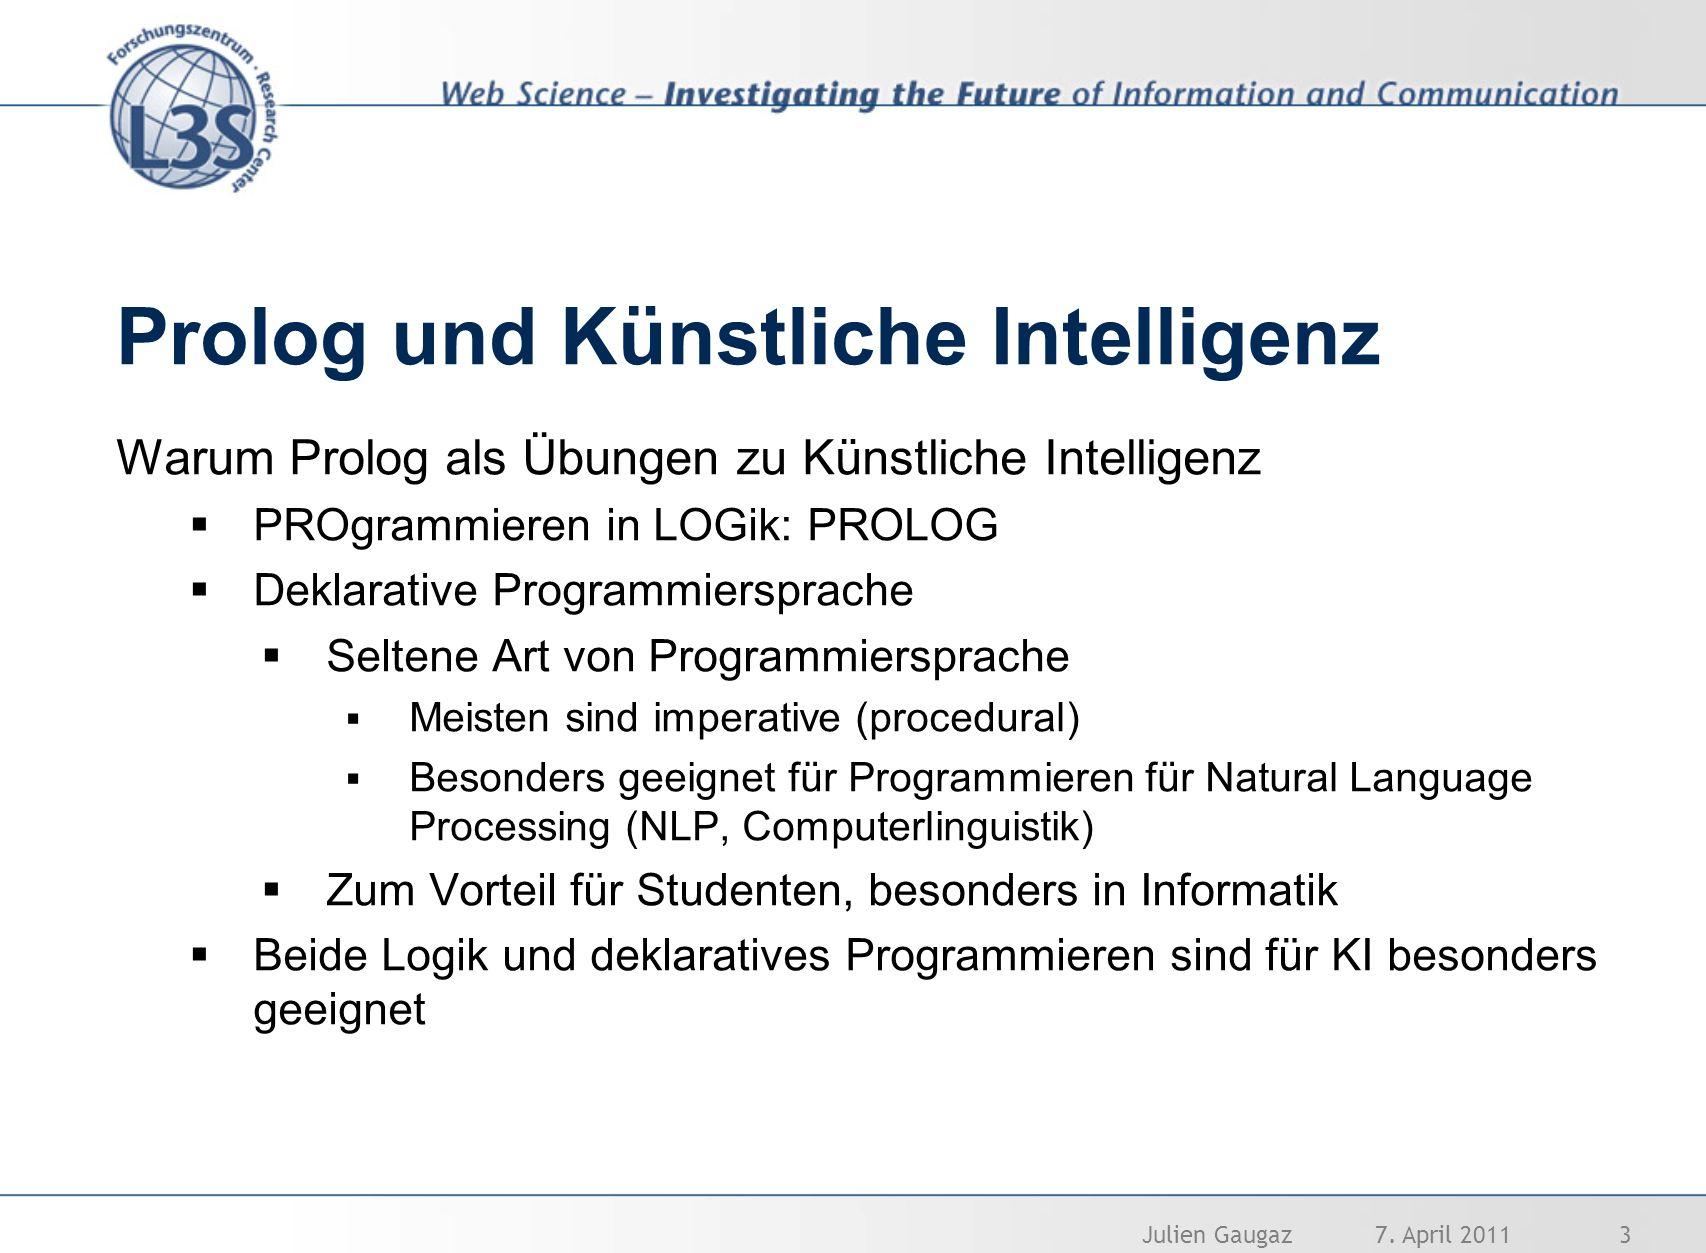 Prolog und Künstliche Intelligenz